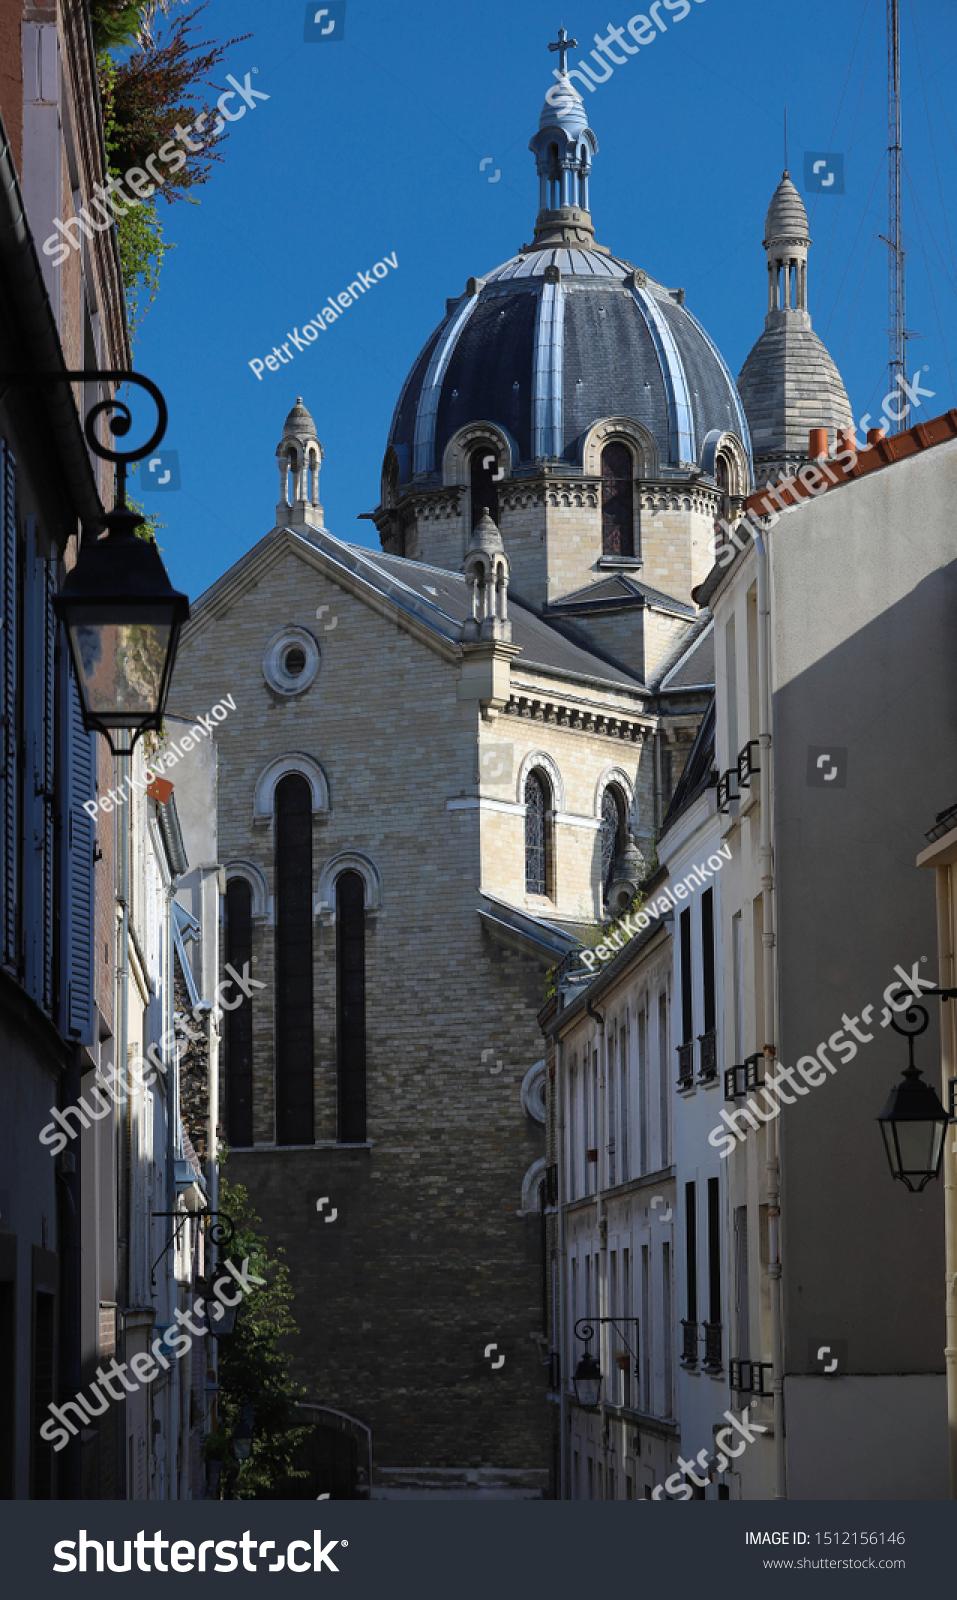 La Butte Aux Cailles Photos saintanne de la butteauxcailles church located | buildings